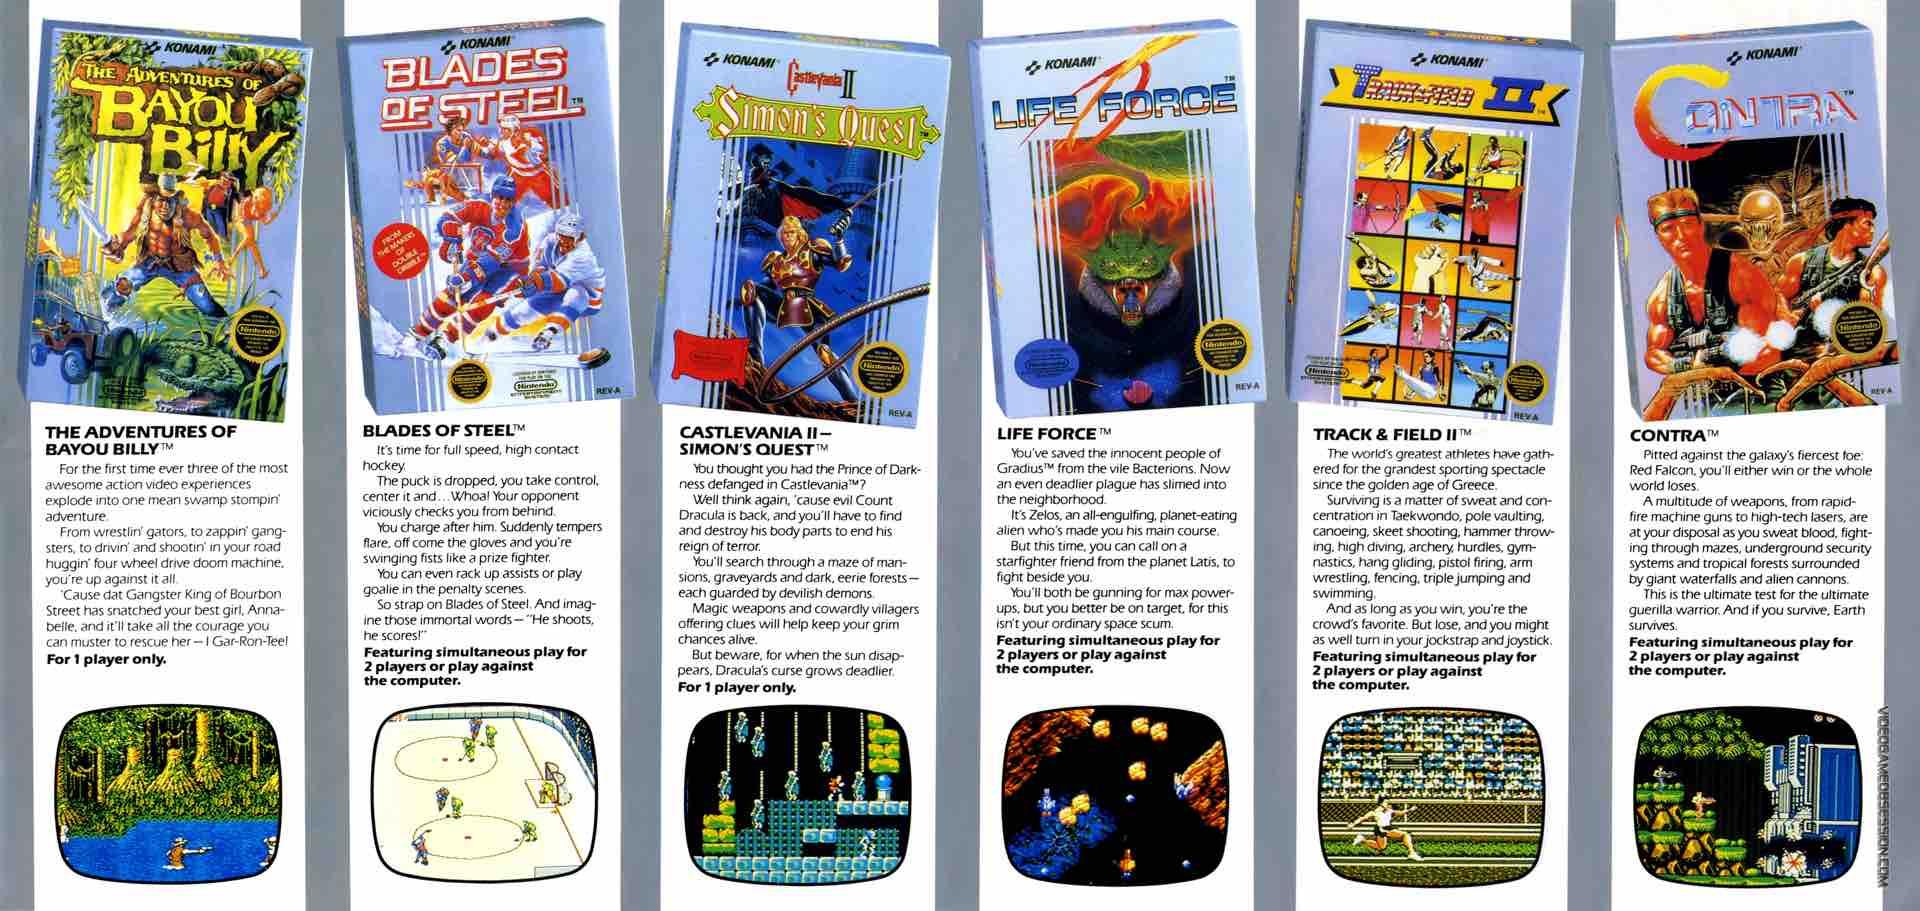 Pamphlet-Konami1988-02-vgo